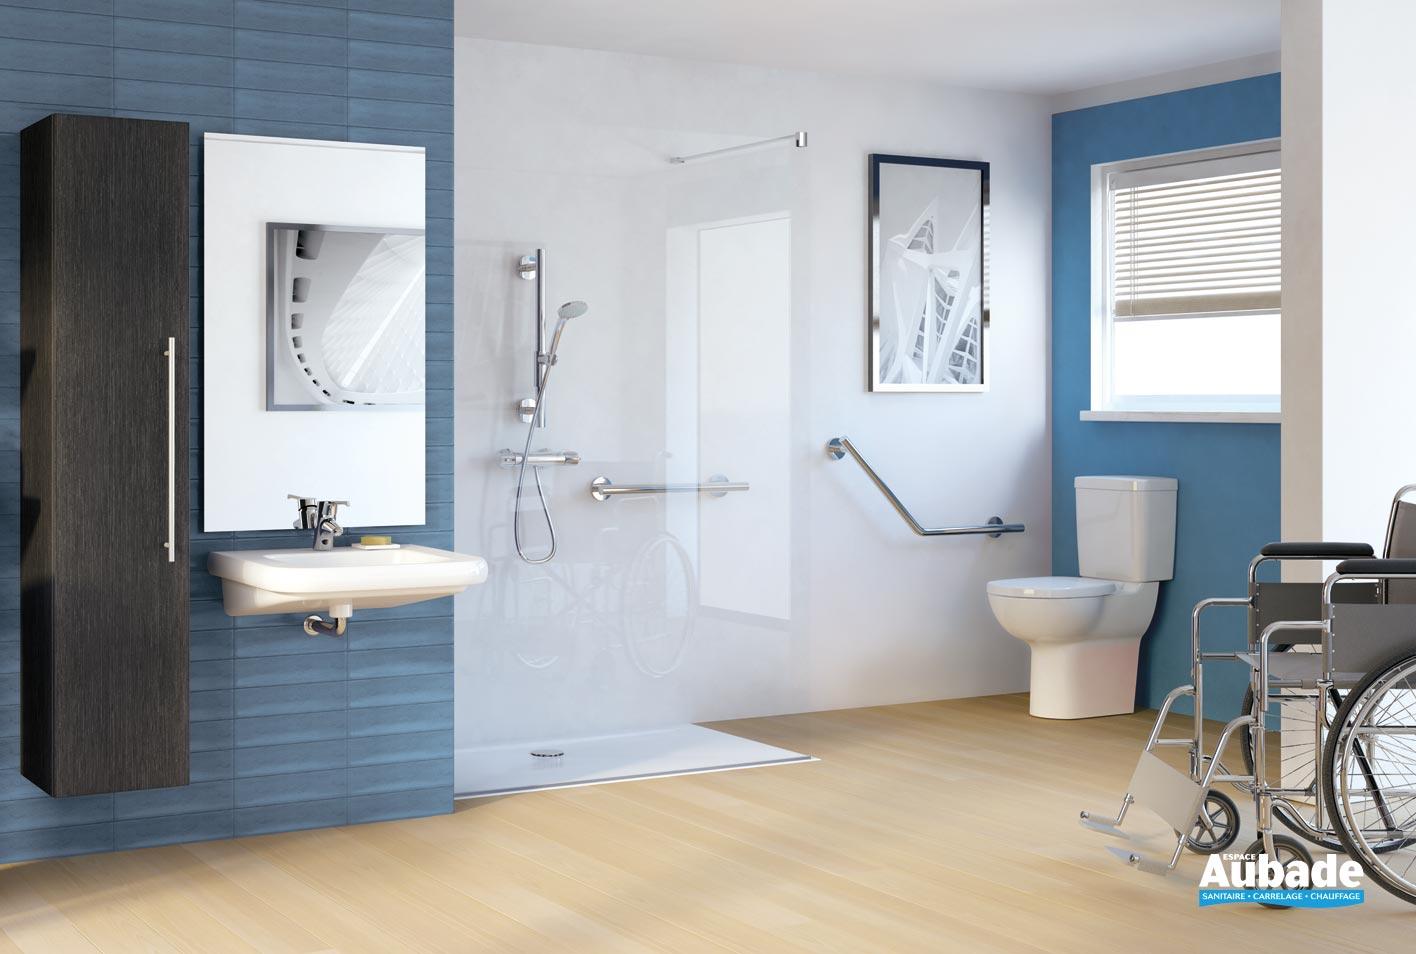 Lavabo Personne Mobilité Réduite lavabo pmr en porcelaine design porcher matura 2 | espace aubade